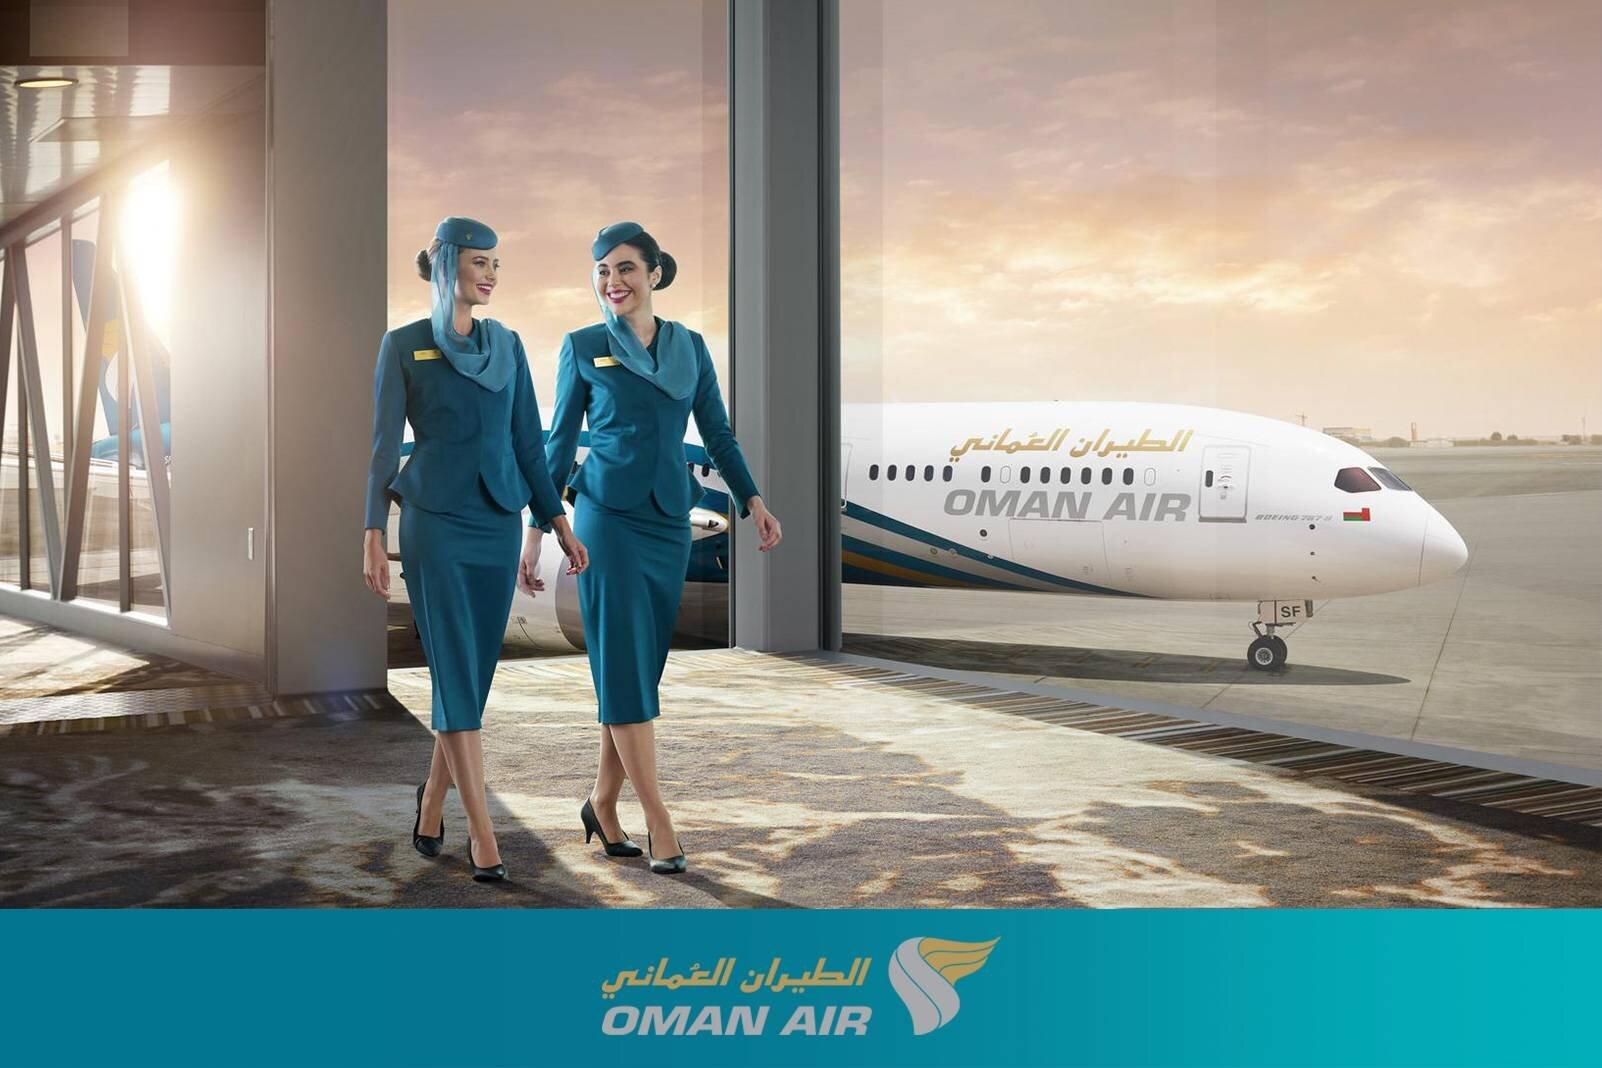 Oman Air ile Özel Fiyatlarla Uçuş Fırsatı